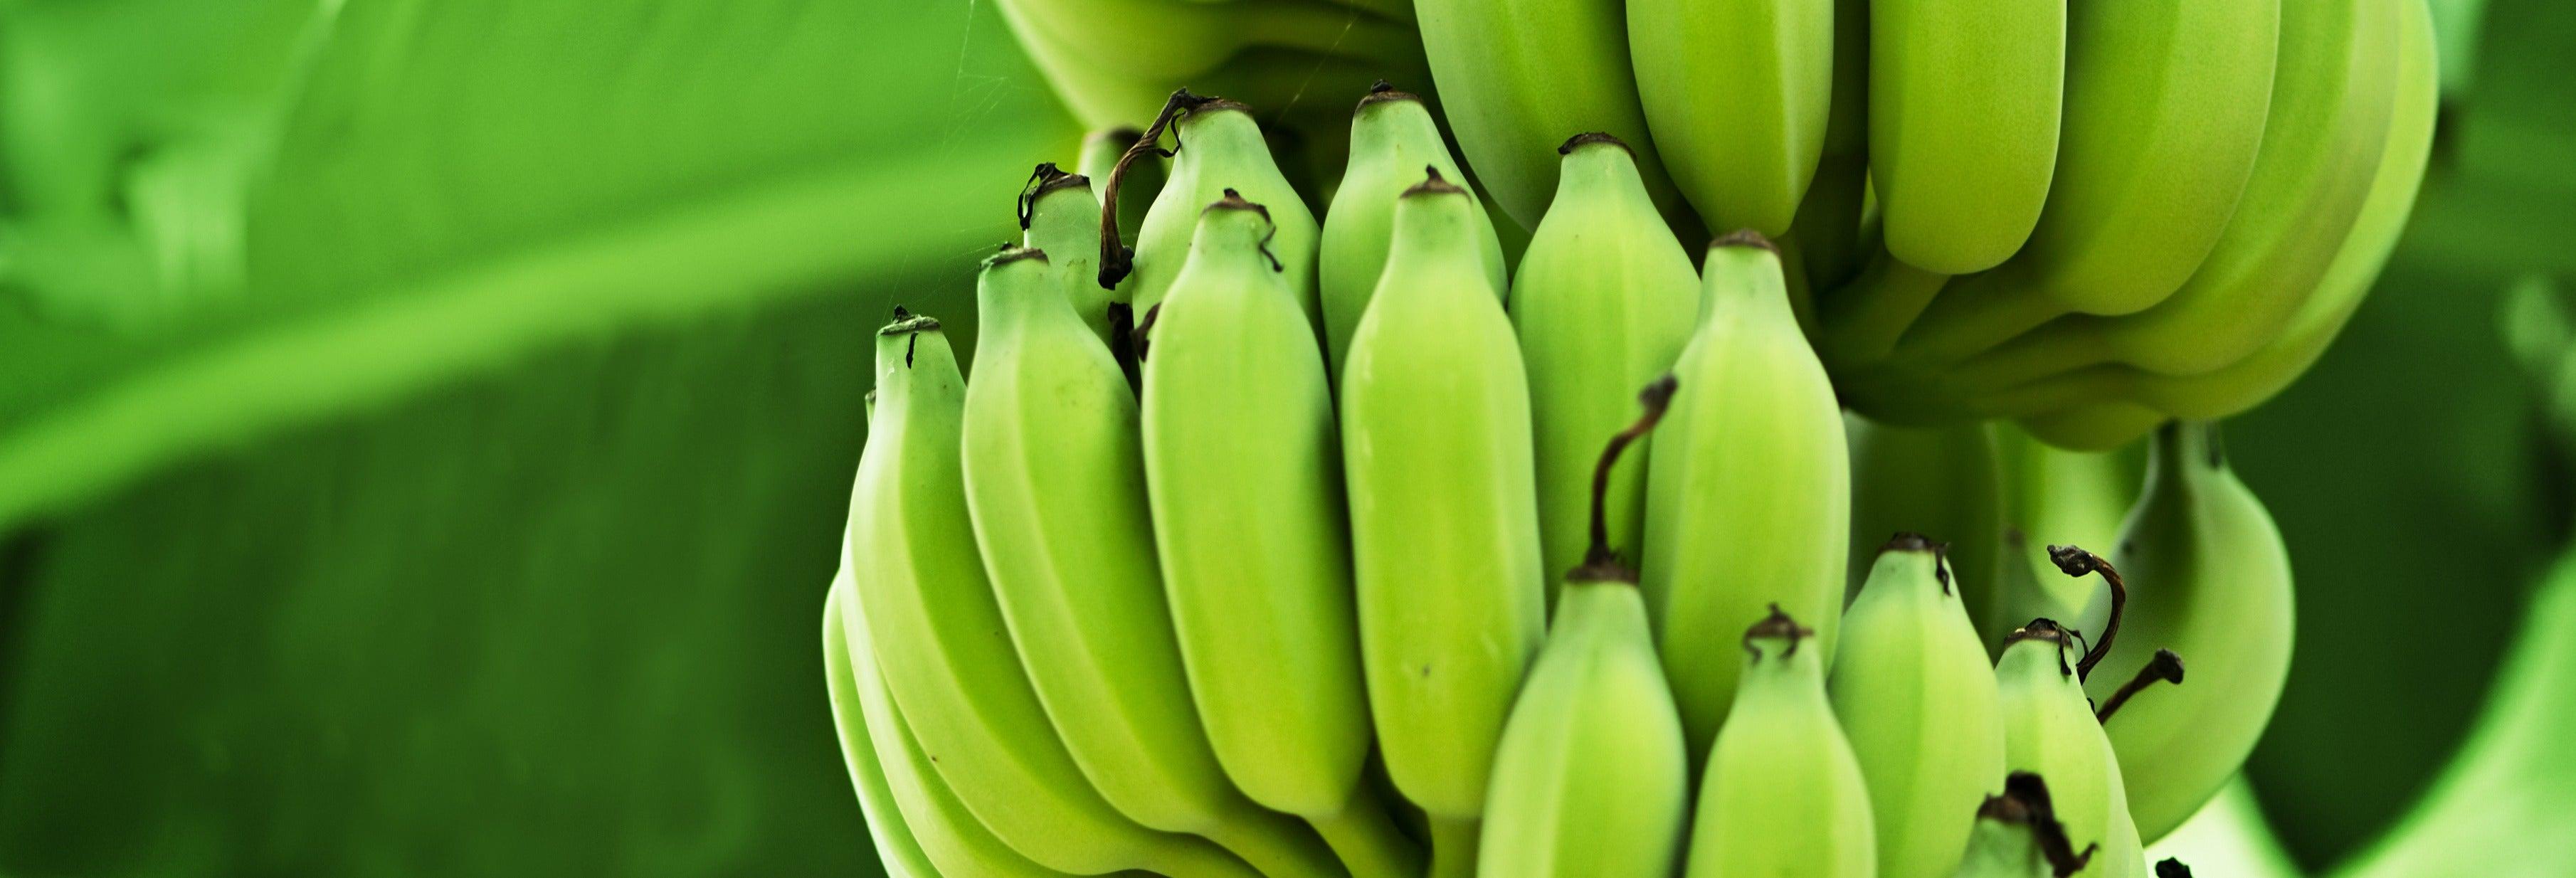 Escursione a Zona Bananera